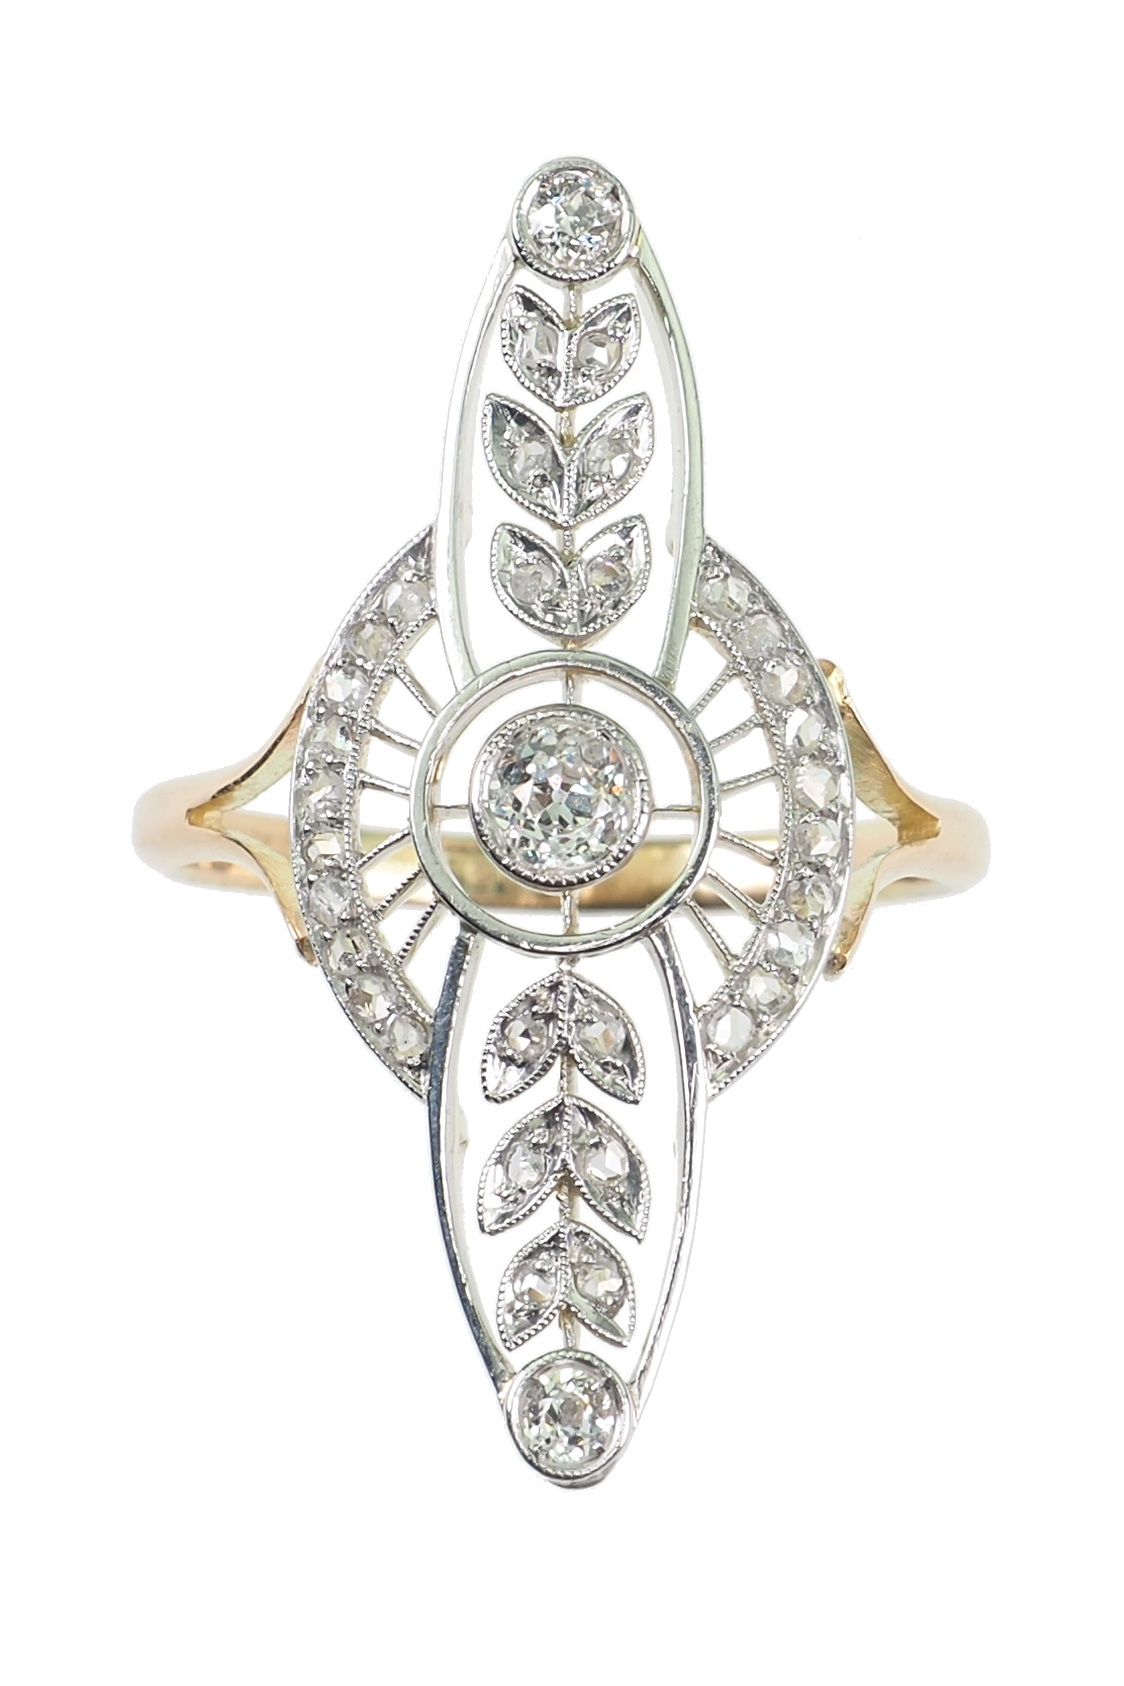 Diamantringe-online-kaufen-2699